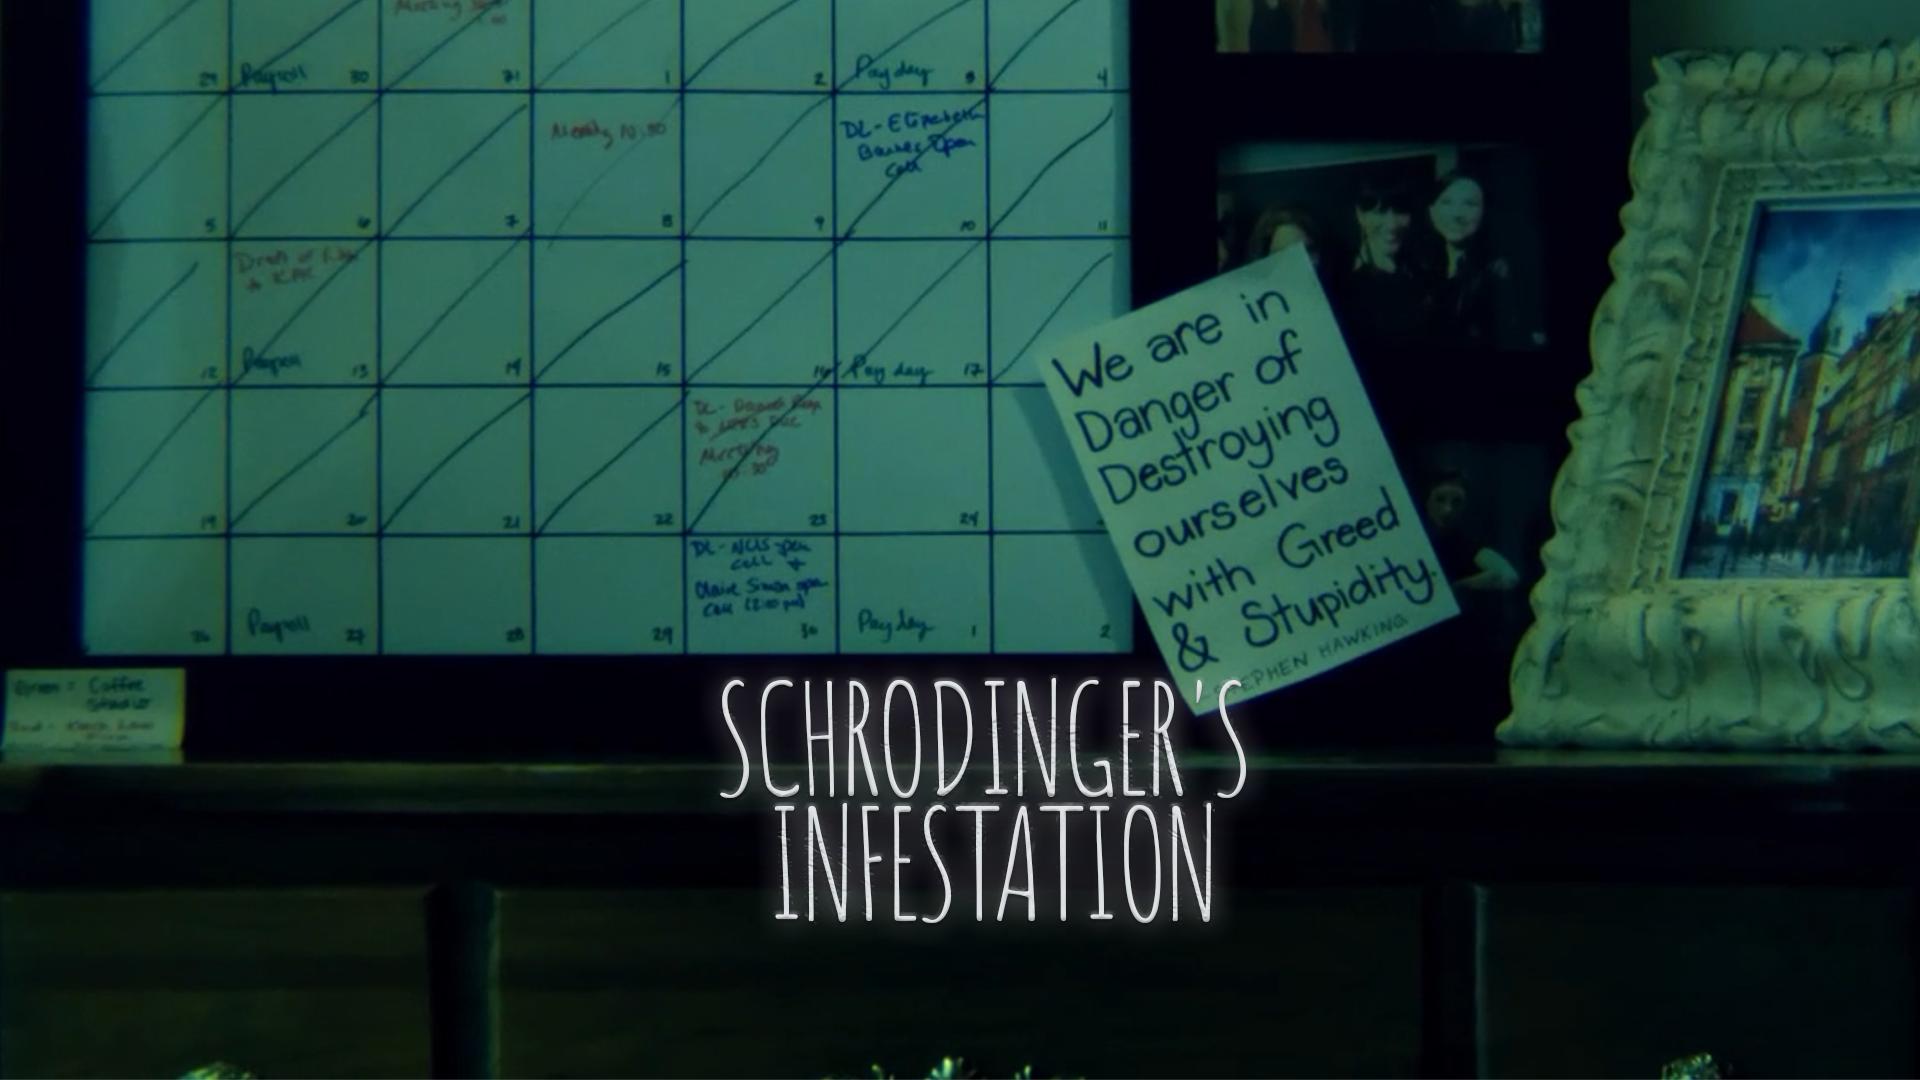 Schrodinger's Infestation